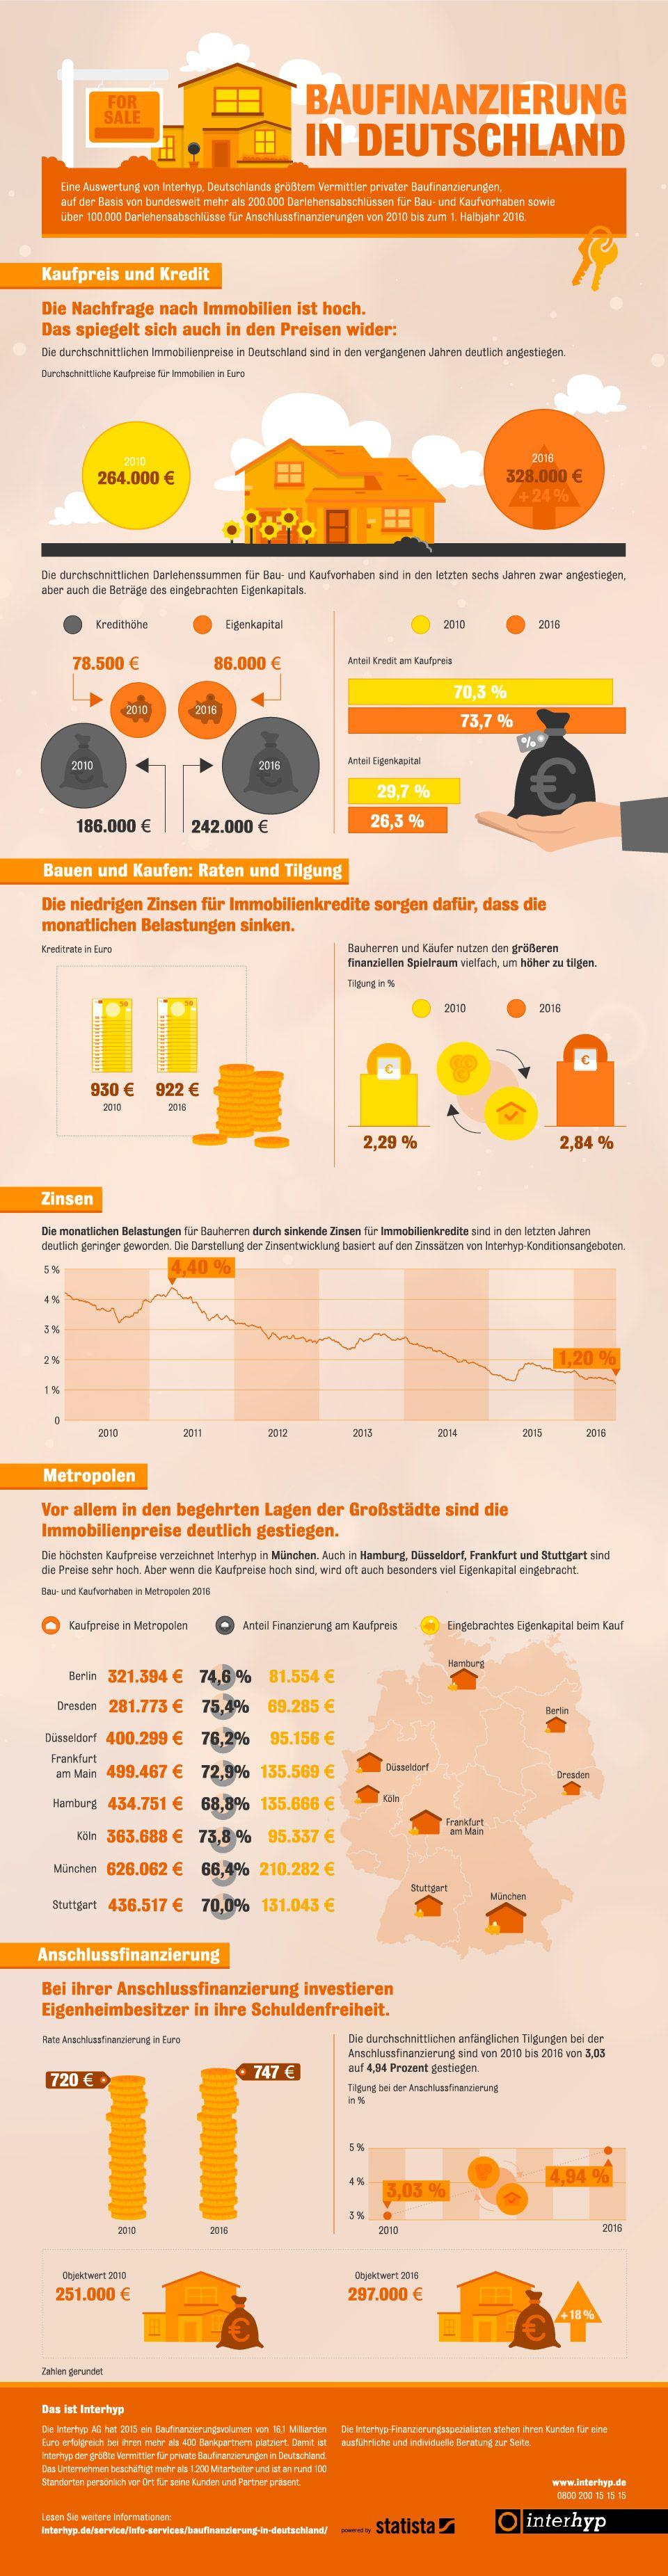 baufinanzierung in deutschland eigenheimbesitzer tilgen mehr. Black Bedroom Furniture Sets. Home Design Ideas